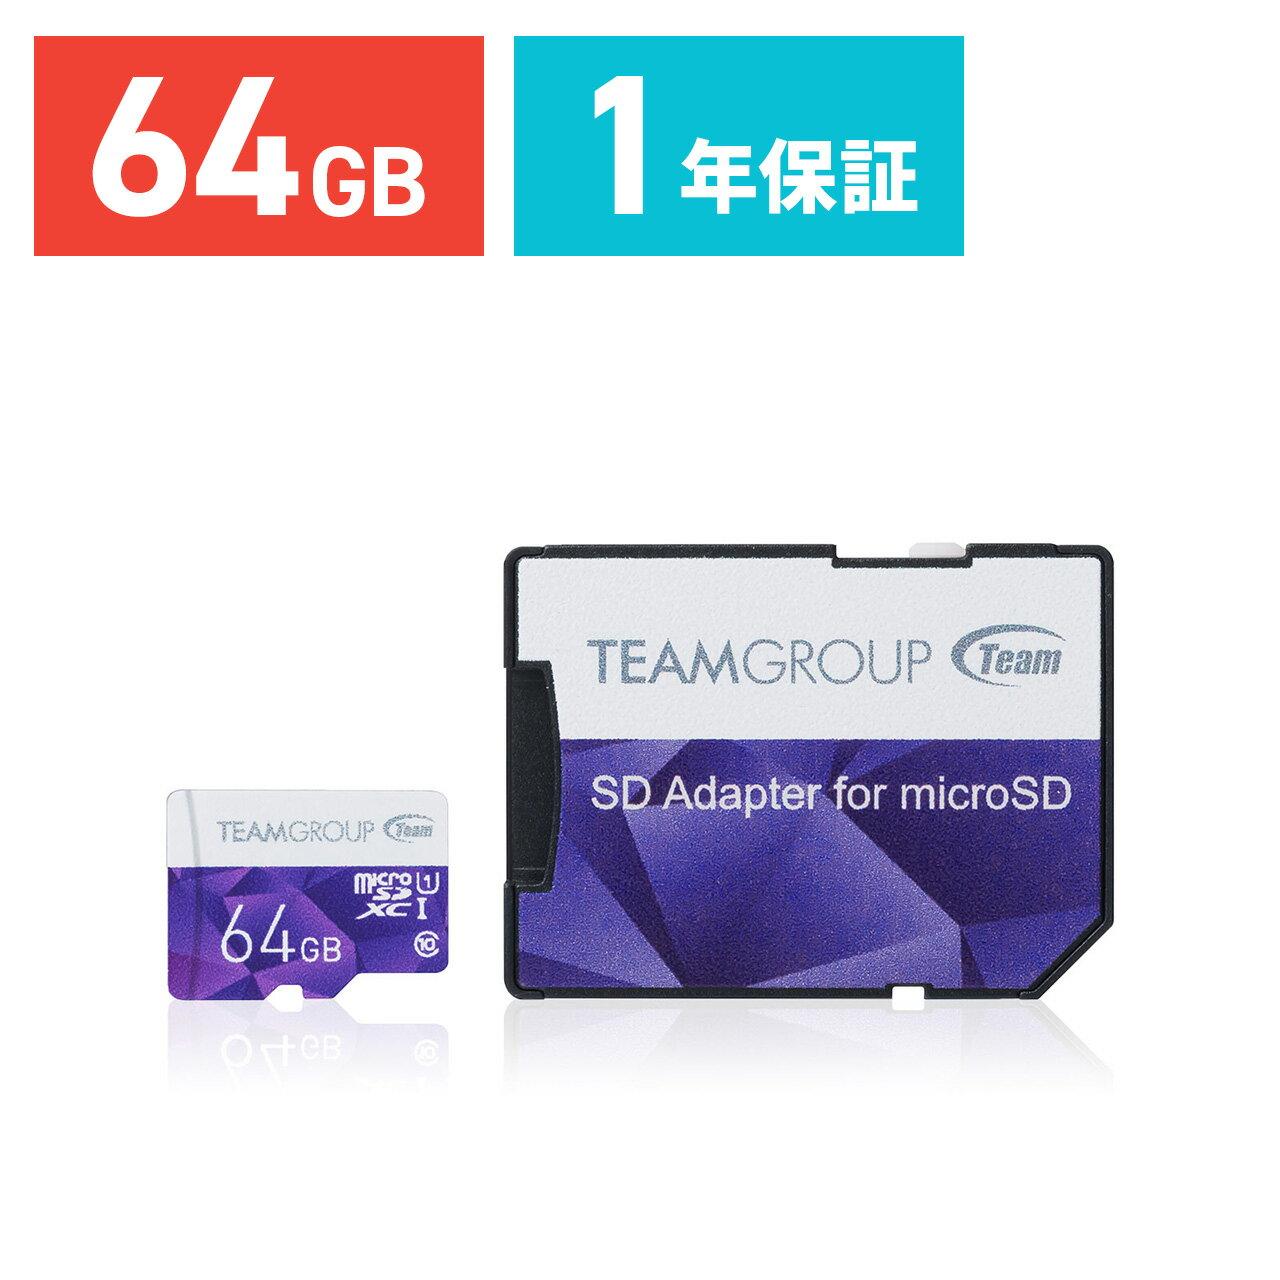 【12月1日値下げしました】【ネコポス専用】 microSDカード 64GB Class10 UHS-I対応 高速データ転送 SDカード変換アダプタ付き 最大転送速度80MB/s マイクロSD microSDXC クラス10 スマホ SD[600-MCSD64G]【サンワダイレクト限定品】【送料無料】